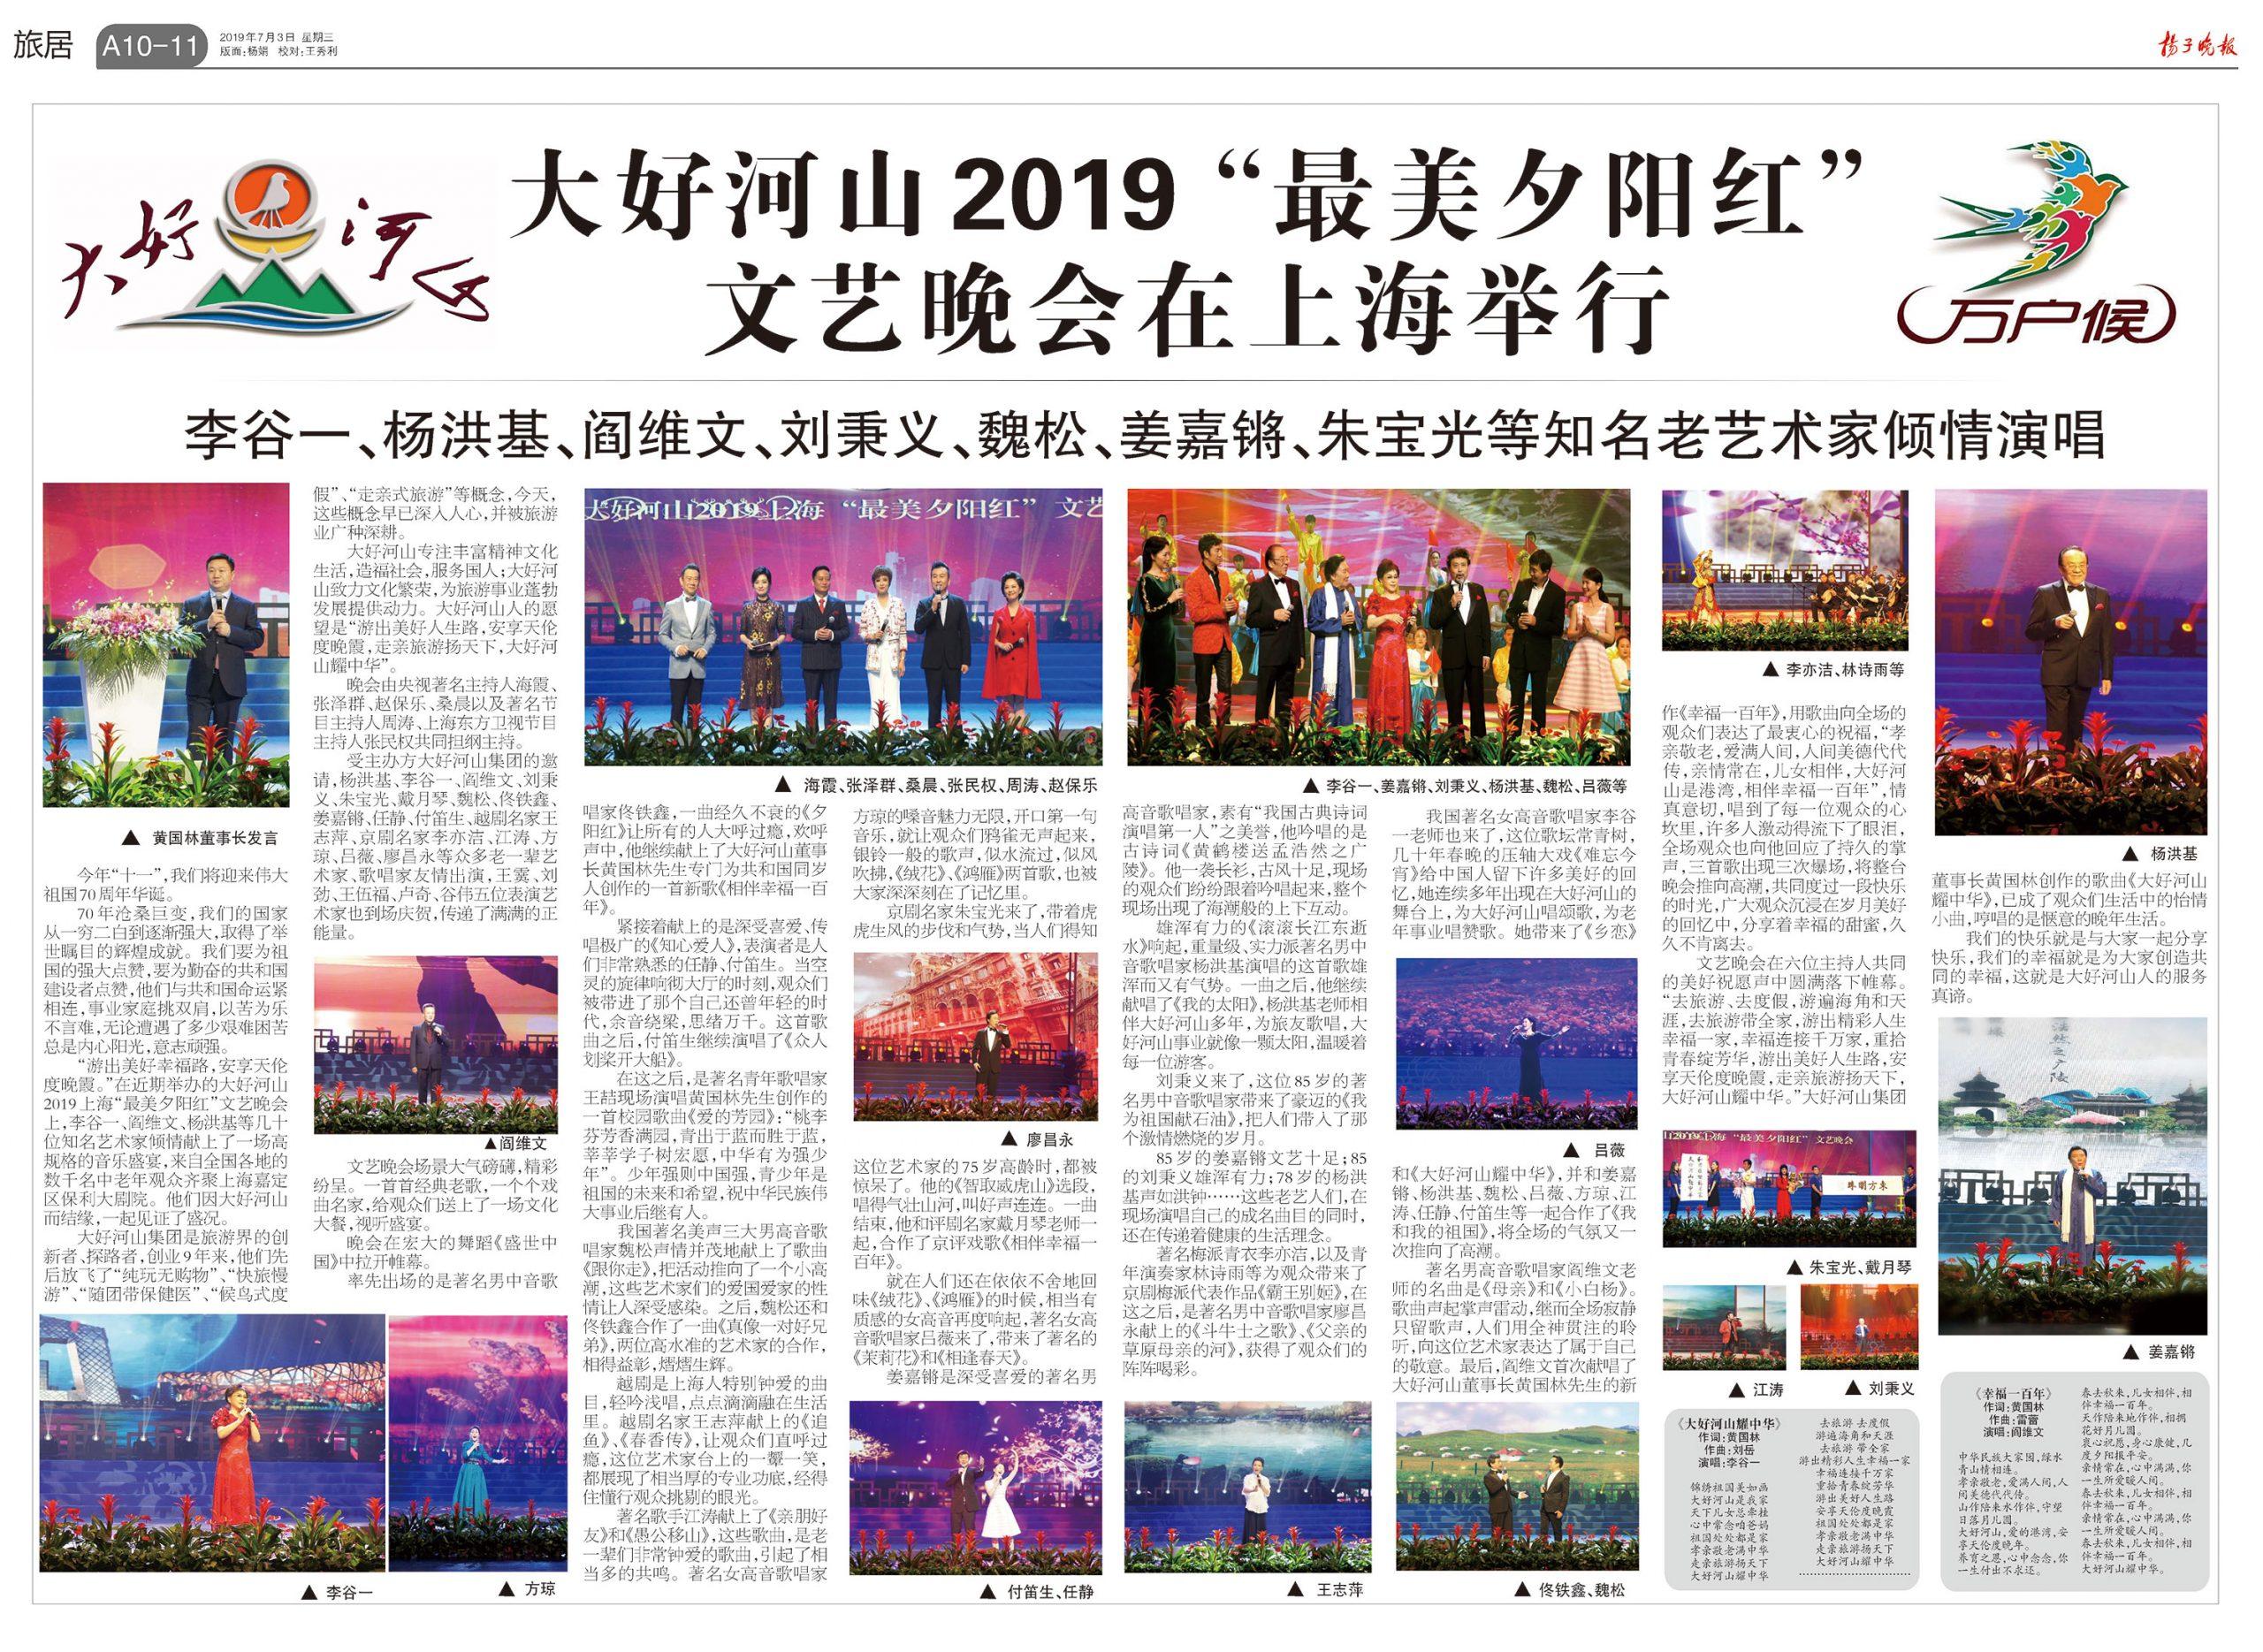 扬子晚报 2019-07-03 A10-11